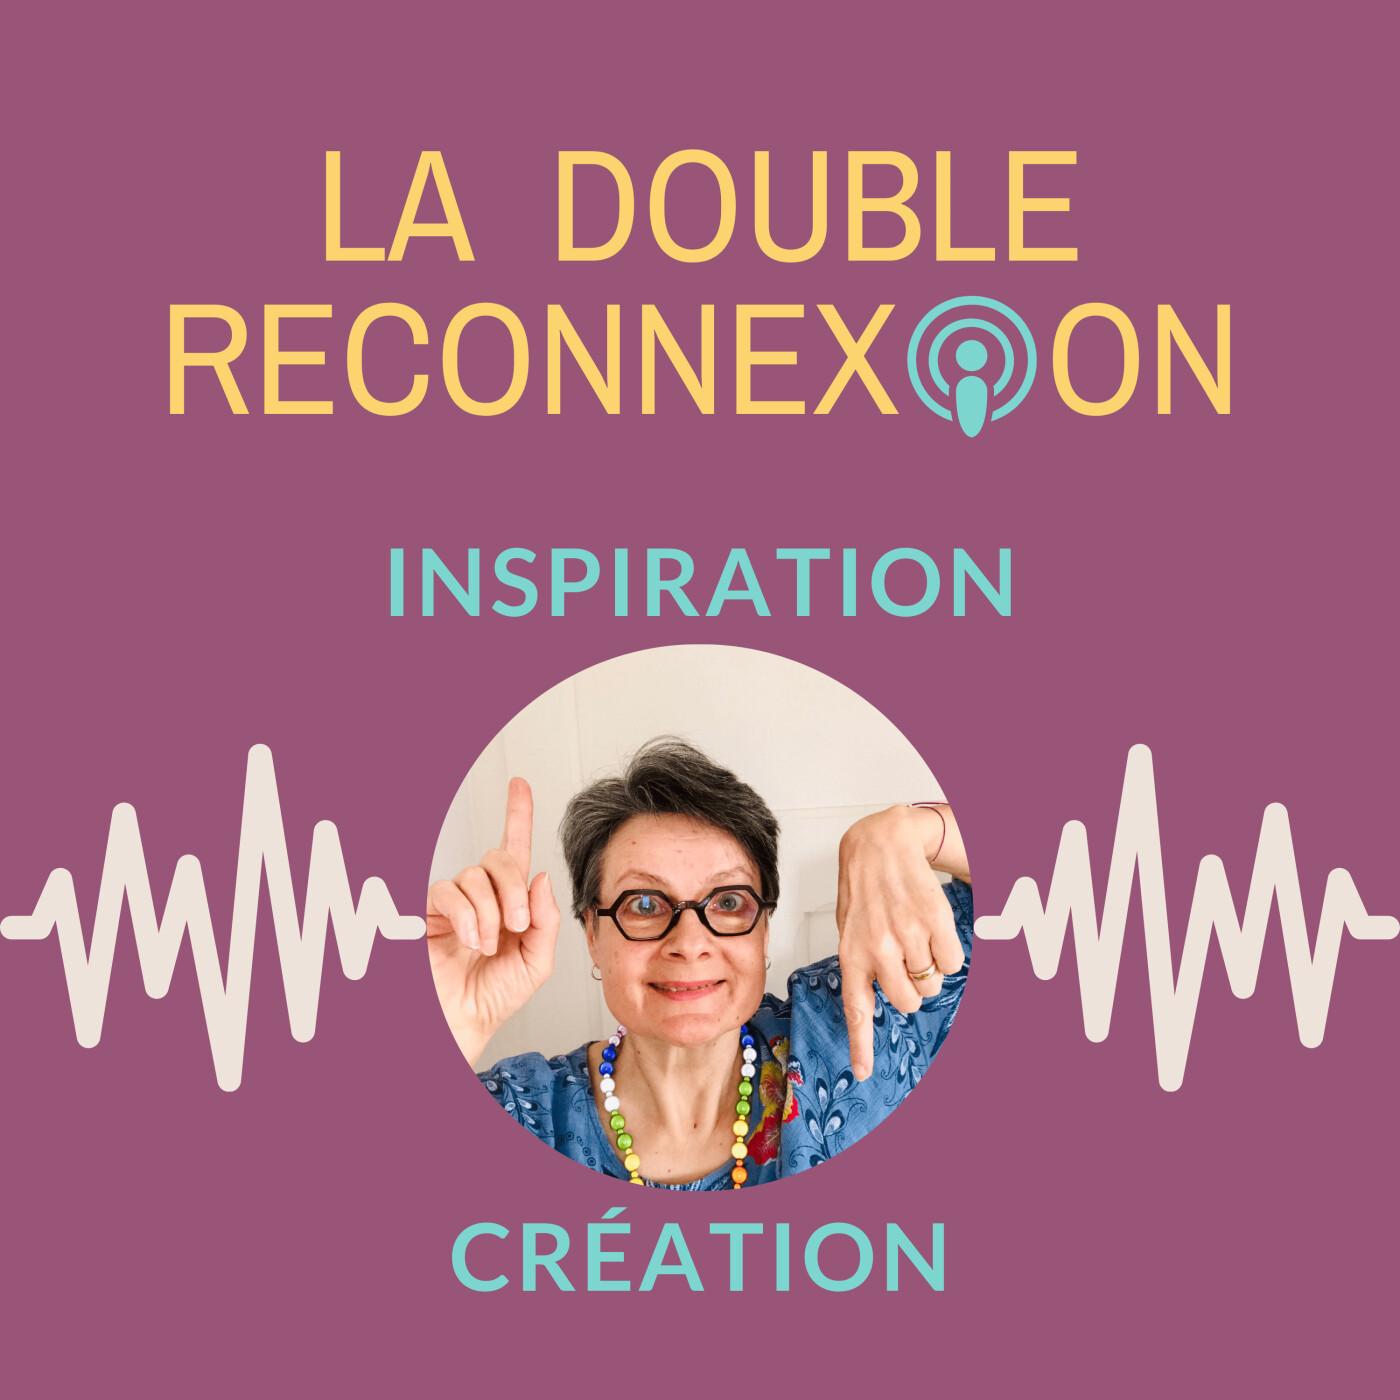 LA DOUBLE RECONNEXION avec Viviane Kuhn